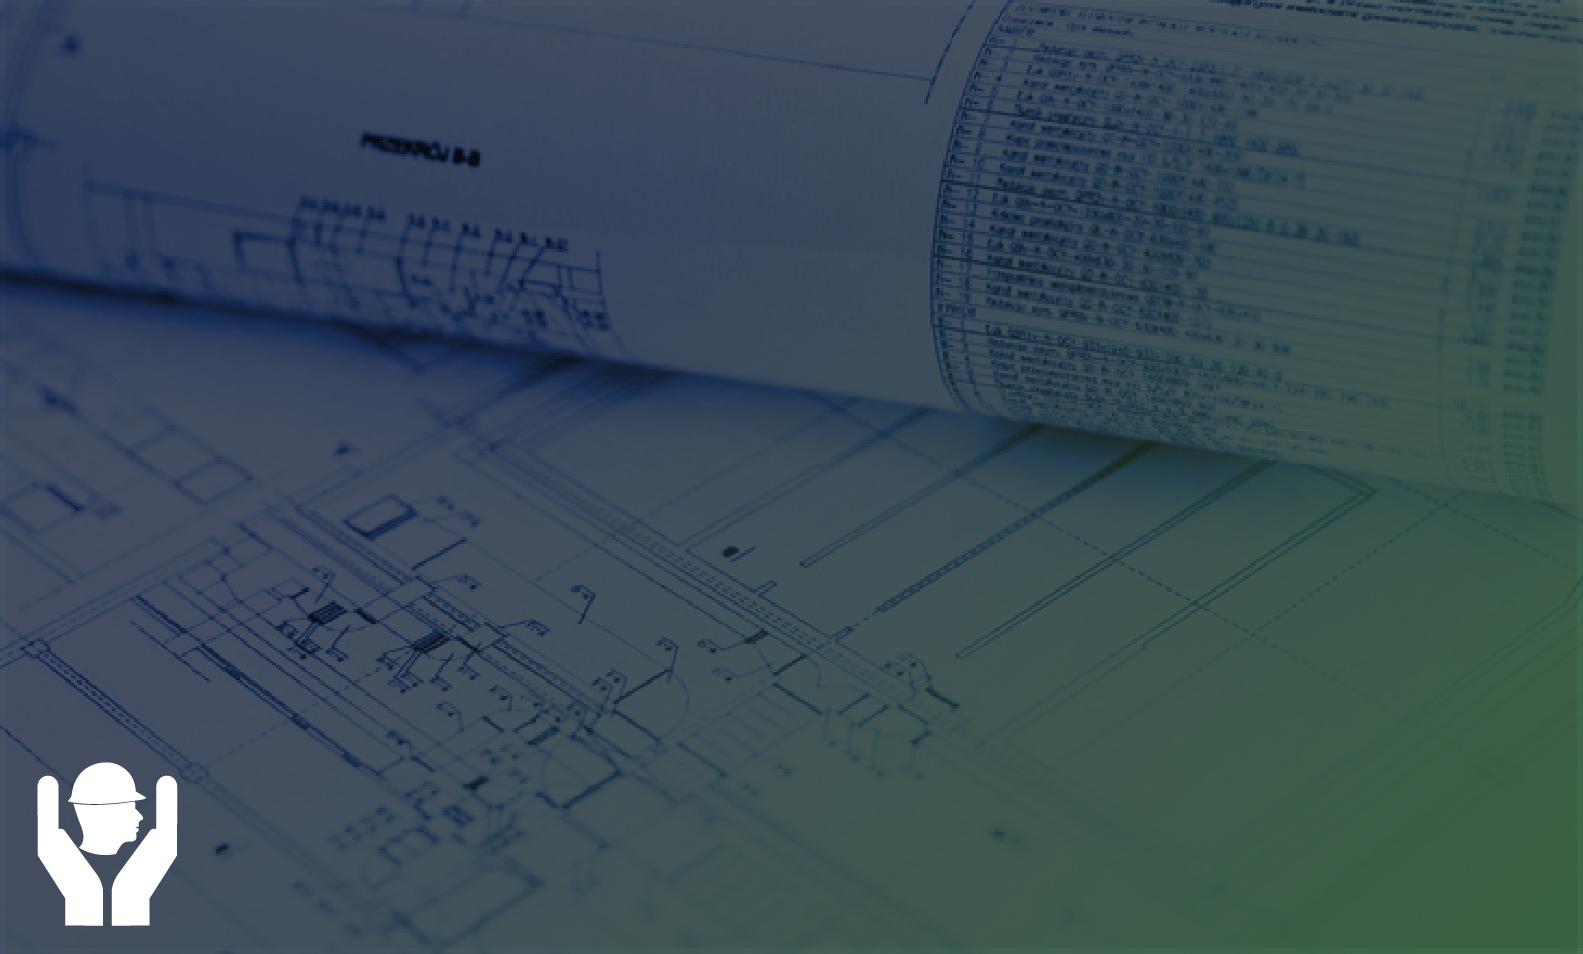 requisição de documentos pela perícia-01